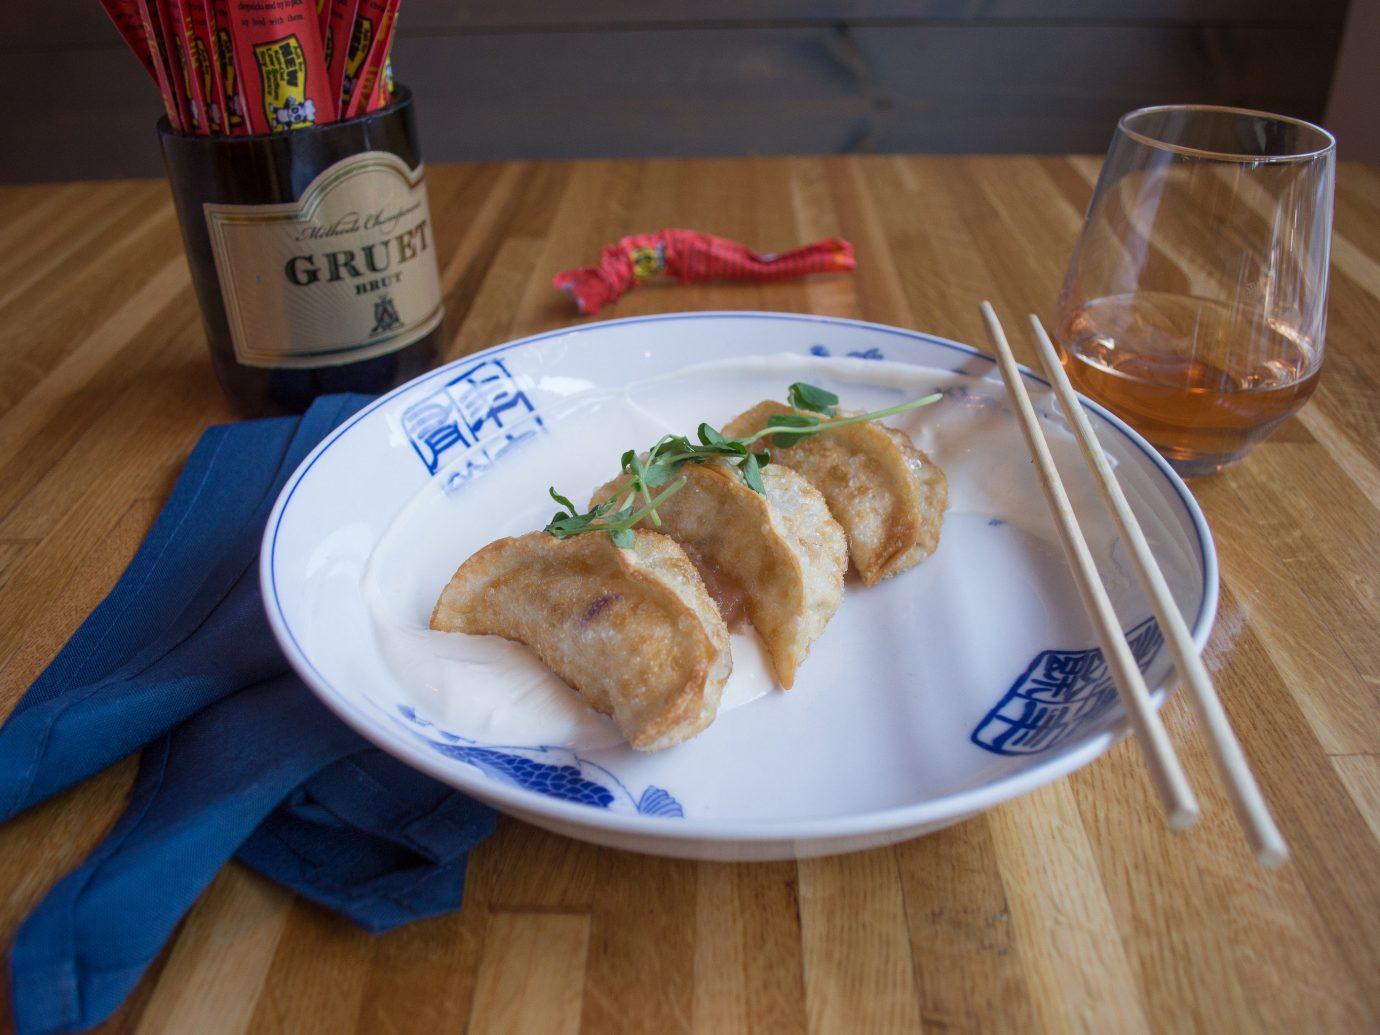 Food + Drink table food floor plate dish indoor cuisine meal breakfast fried food appetizer junk food